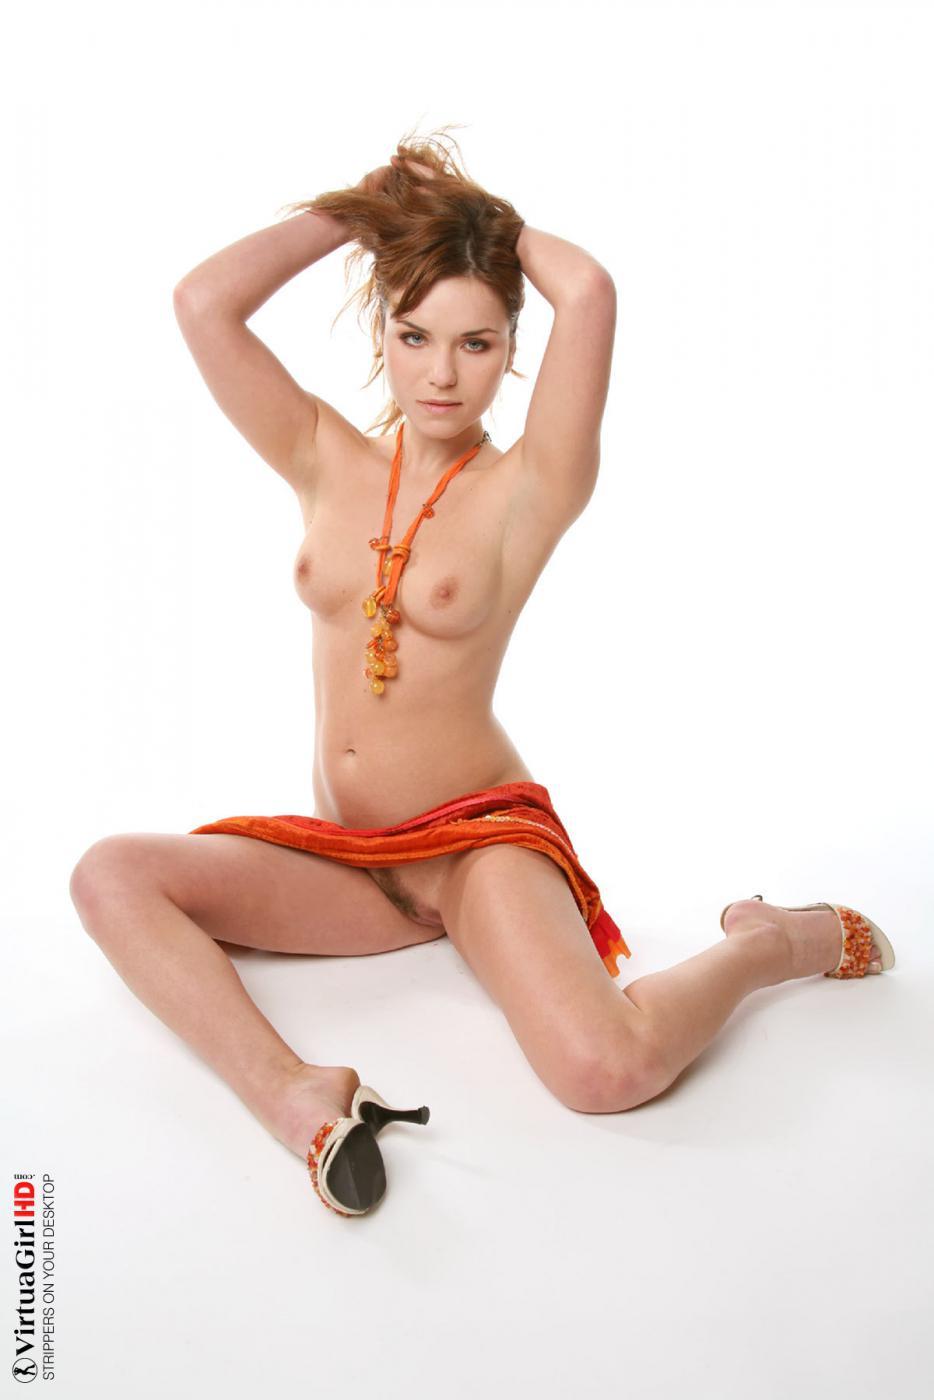 Возбуждающая Lucie O вот-вот снимает платье в этой популярной сотфкорной галерее